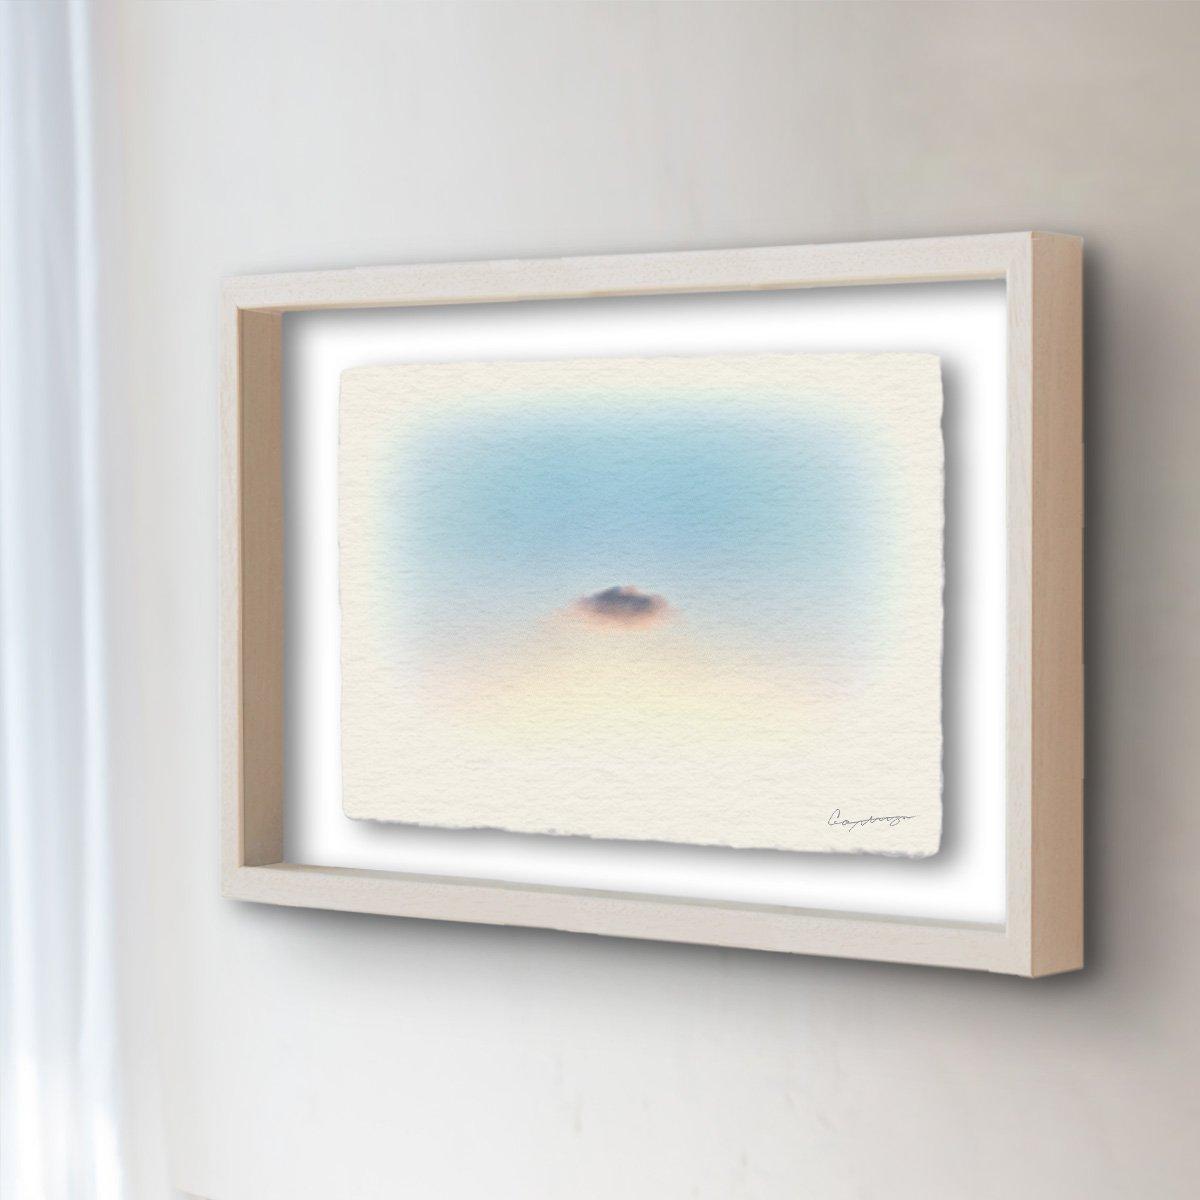 和紙 アートフレーム 「夕暮れのはぐれ雲」 (52x42cm) 絵 絵画 壁掛け 壁飾り 額縁 インテリア アート B074Y4GBZT 24.アートフレーム(長辺52cm) 55000円|夕暮れのはぐれ雲 夕暮れのはぐれ雲 24.アートフレーム(長辺52cm) 55000円